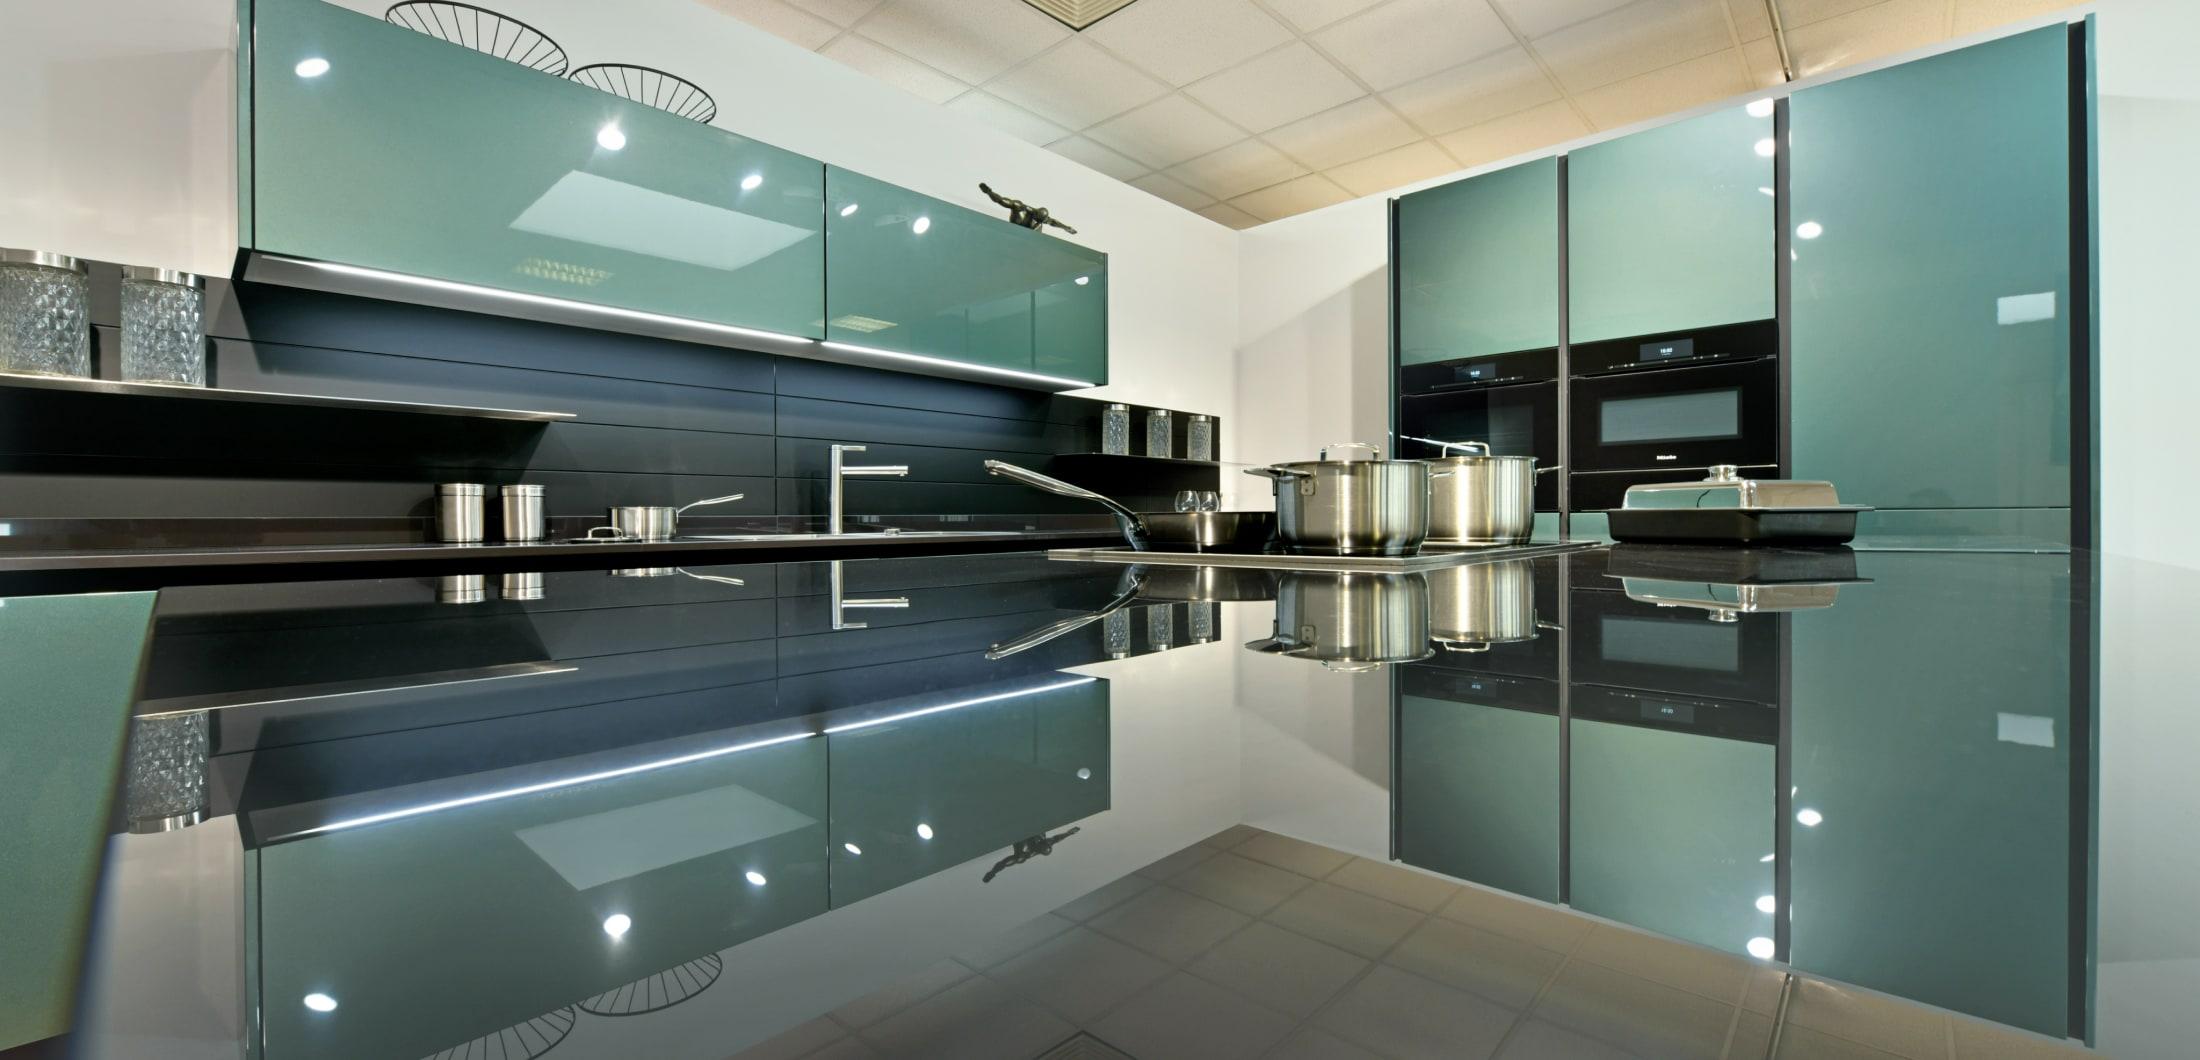 Voll ausgestattete Designerküchen mit hochwertige Küchenausstattung und modernen Küchengeräten.